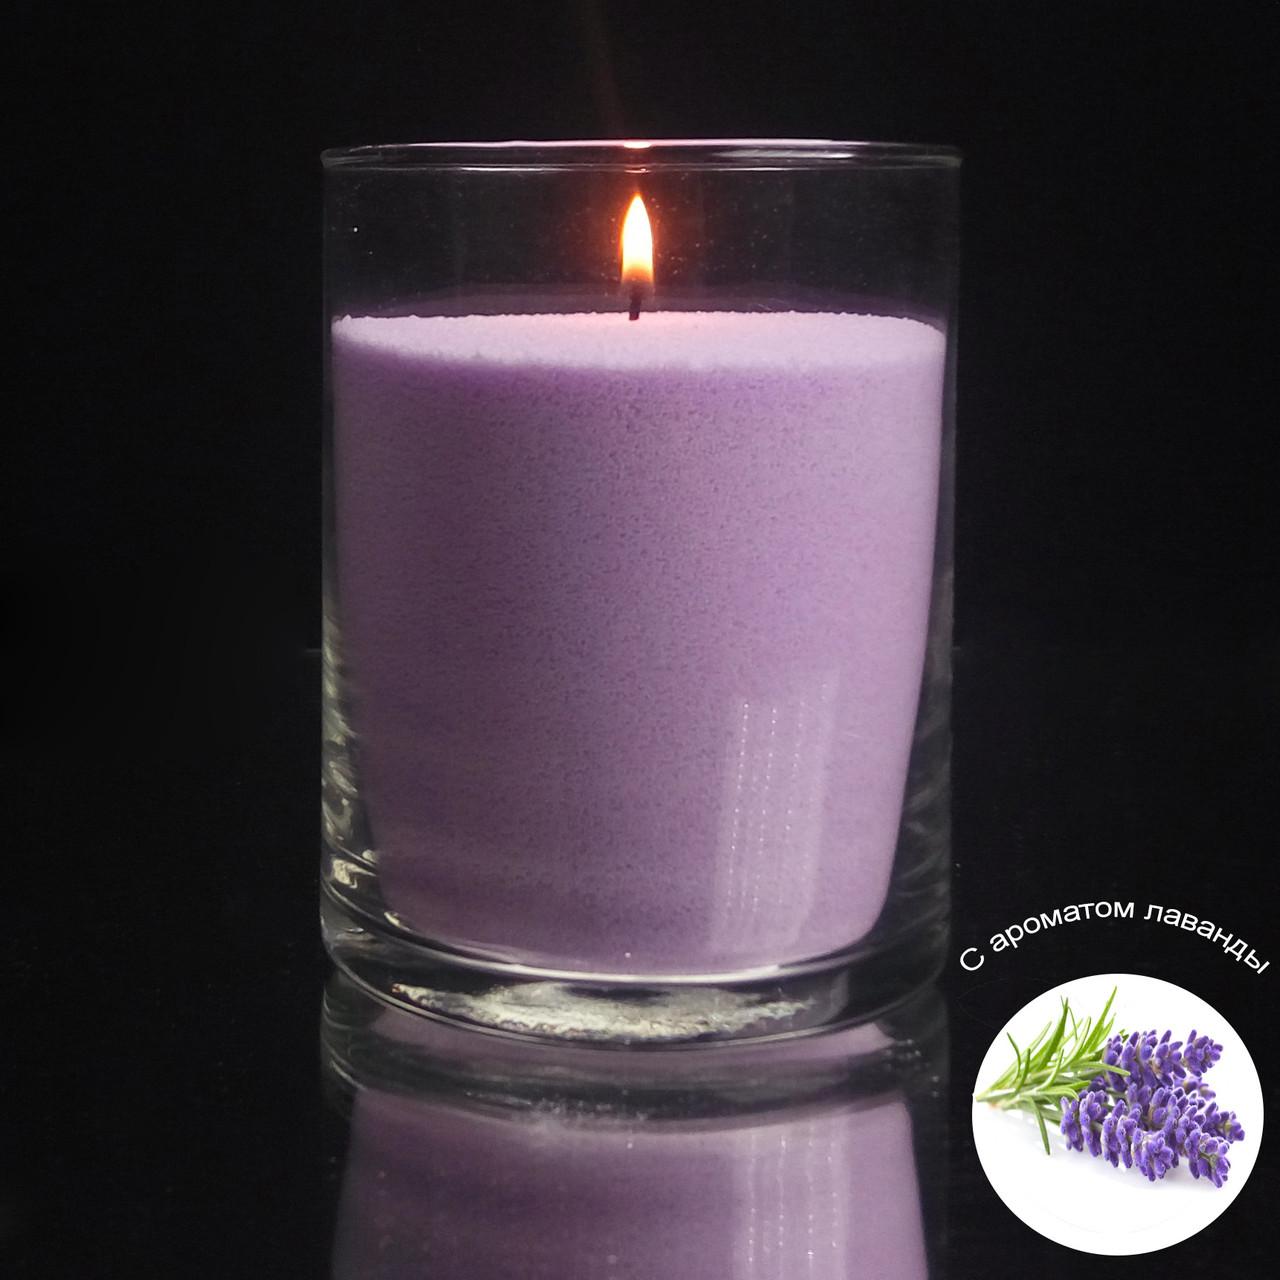 Ароматизированные сиреневые насыпные свечи, с запахом лаванды 1 кг + 1 м фитиля